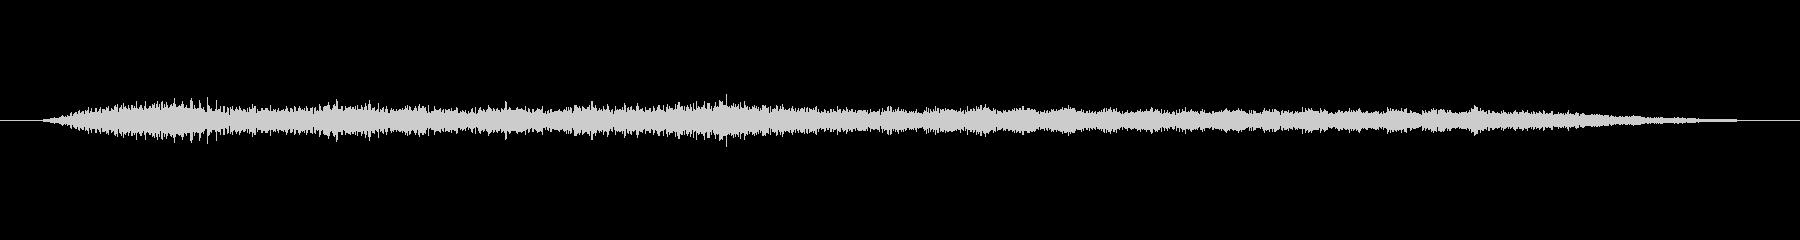 ドローンローエンドサブパッド3-サ...の未再生の波形